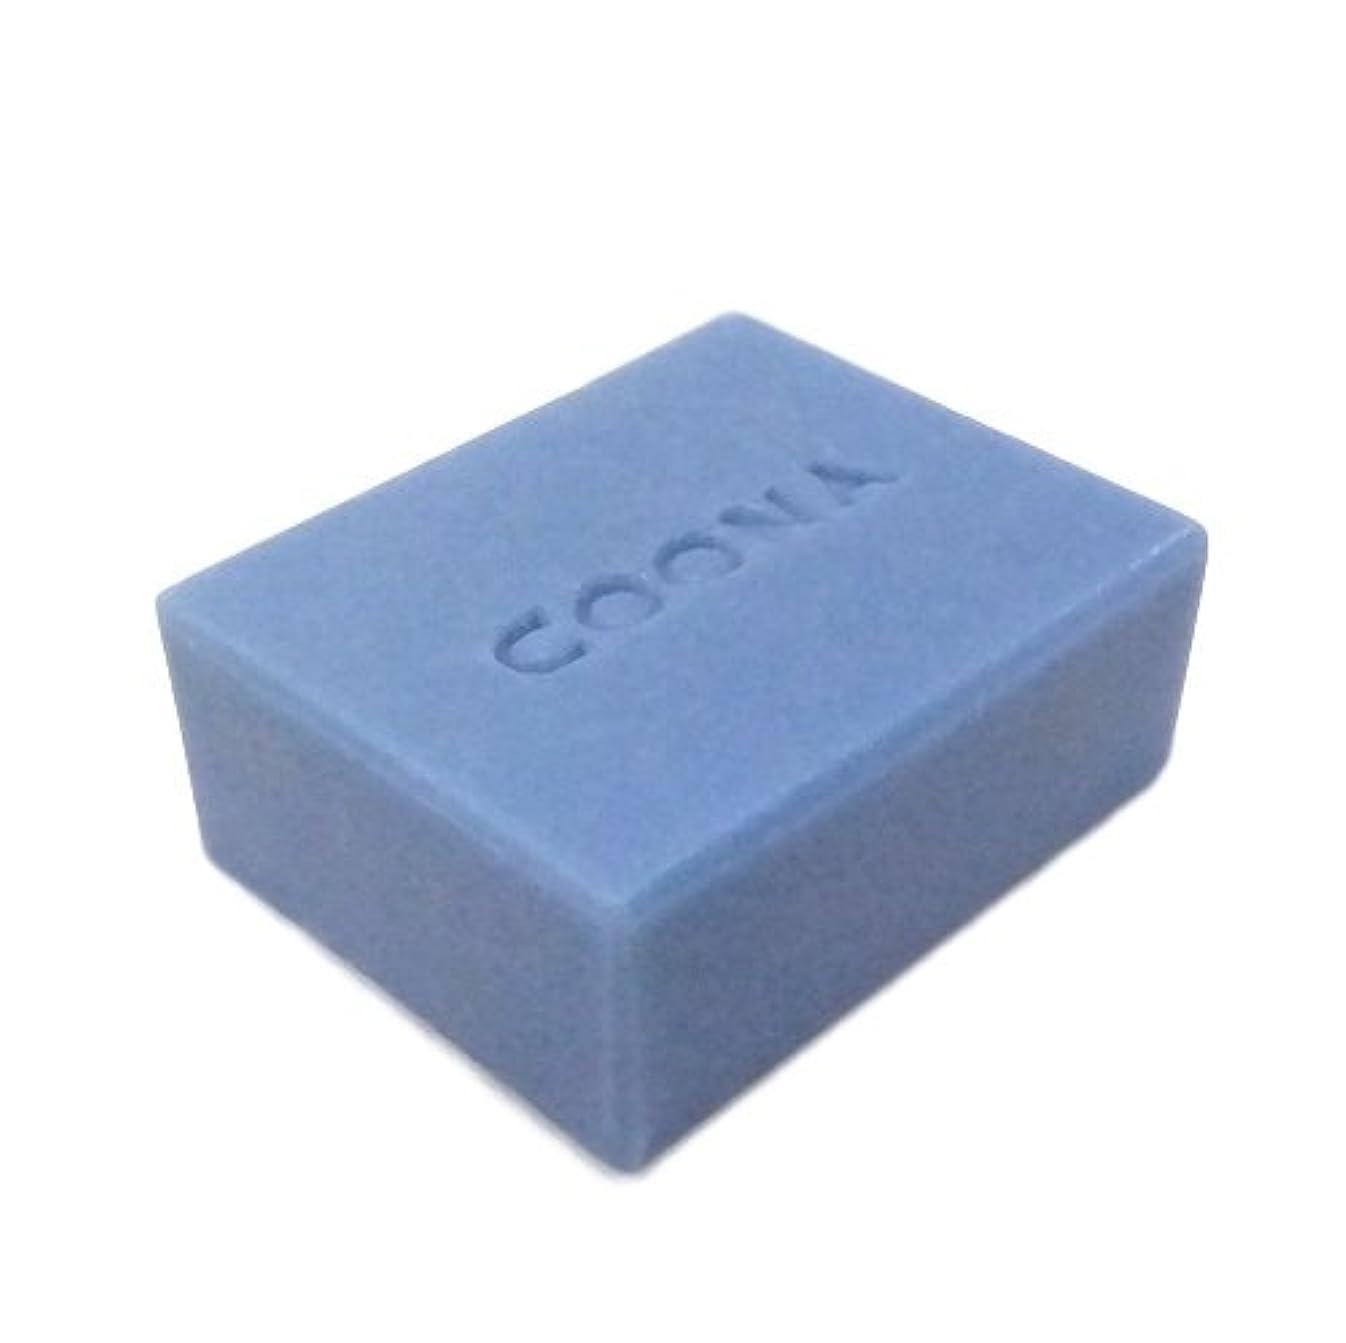 放散する控えめな有効化洗顔石鹸 COONAピュアEO石けん ヤロウ ブルー (天然素材 自然派 コールドプロセス 手作り せっけん) 80g